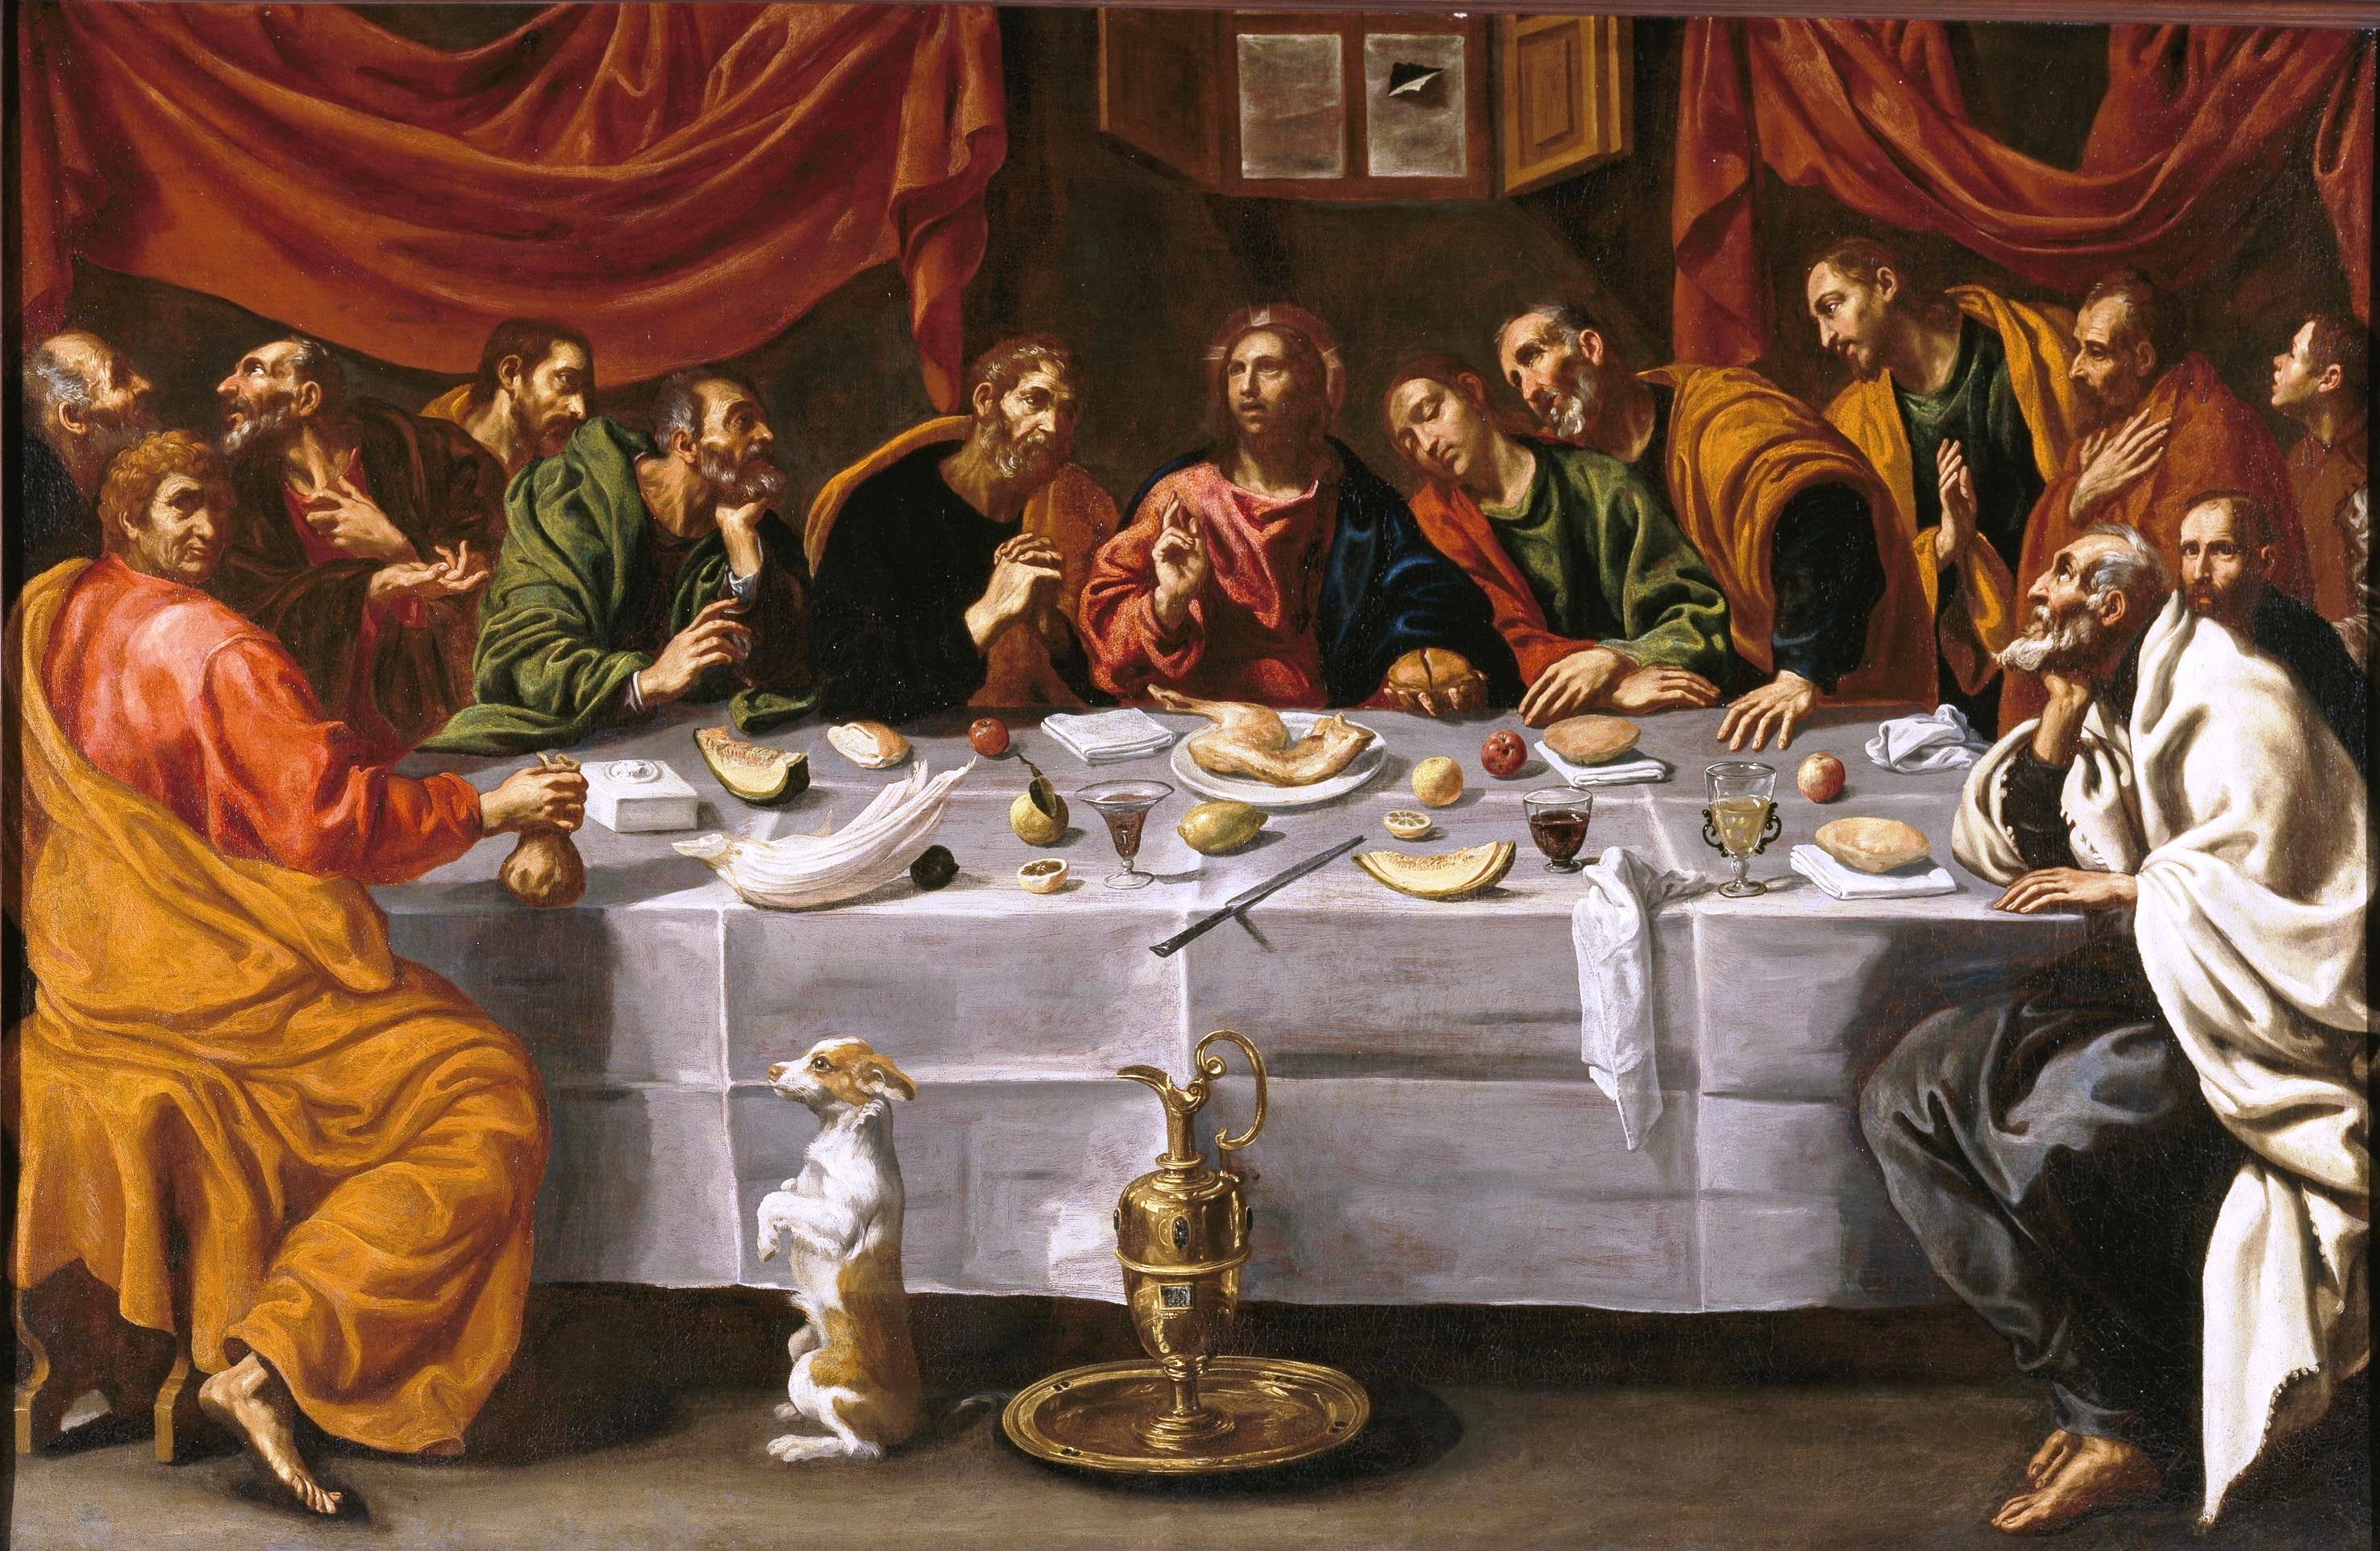 """la ultima cena Después de la cena, los apóstoles empezaron a discutir sobre quién de ellos era el más importante pero jesús les dijo: """"el que sea más importante entre ustedes tiene que comportarse como el más pequeño o menos importante."""